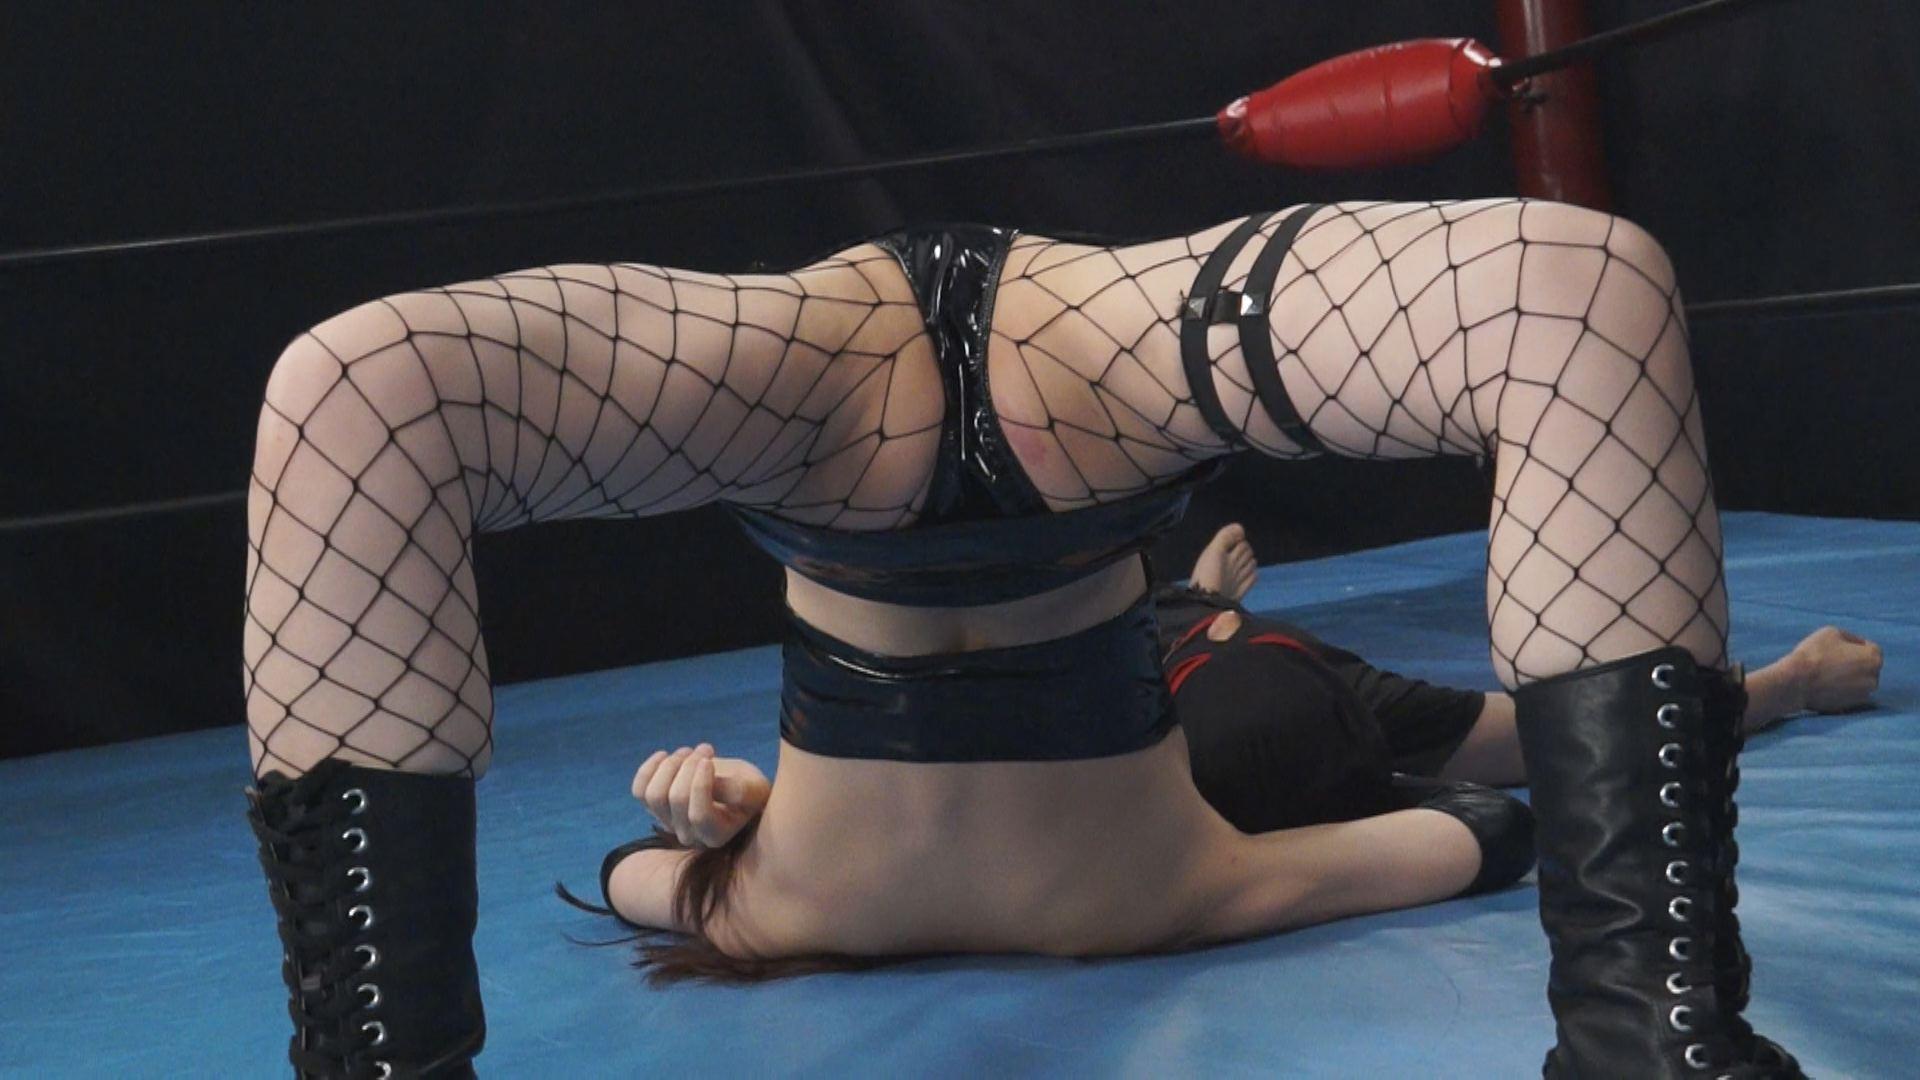 DESTROY女子プロレスラー破壊 #0005 サンプル画像02